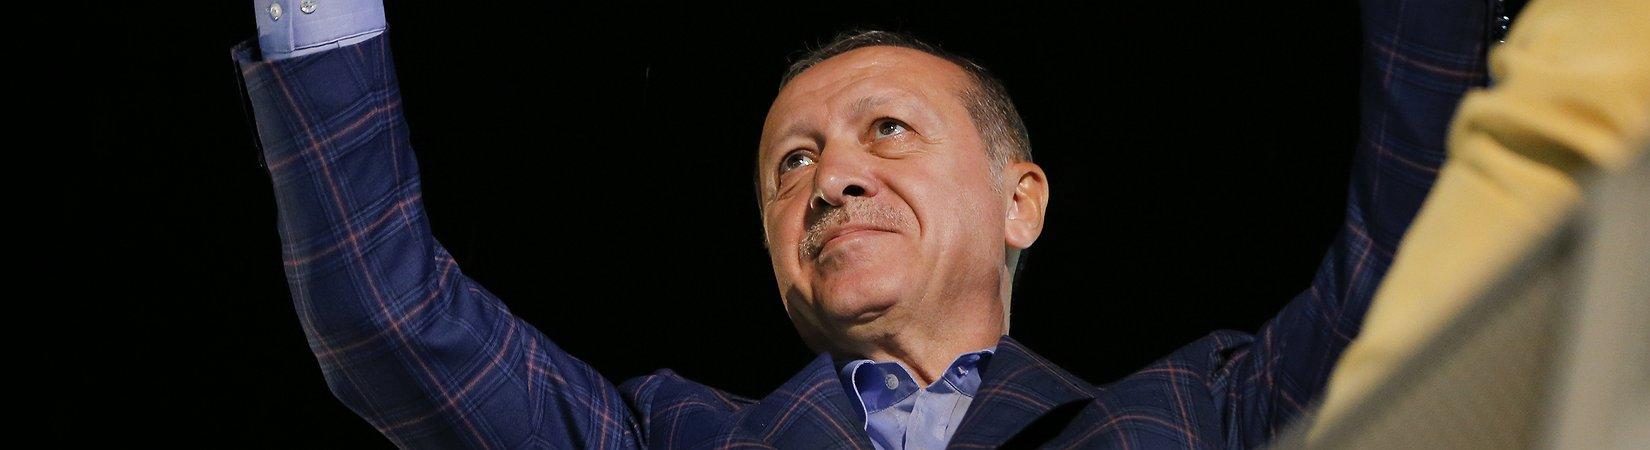 Referendo na Turquia: Erdogan com poderes reforçados